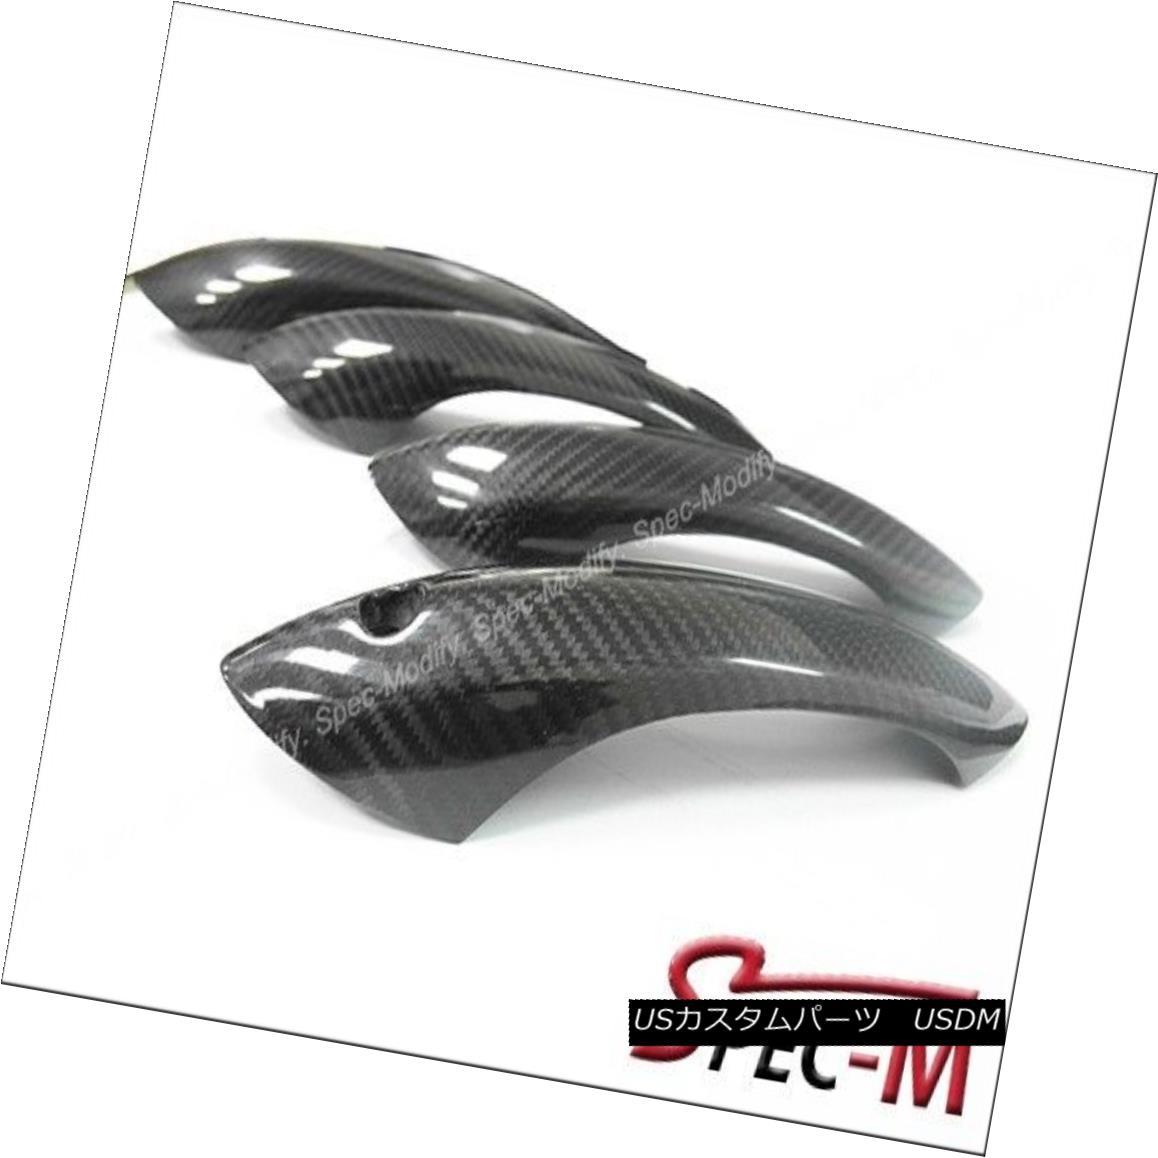 エアロパーツ Carbon M6 Fiber Door Handle Cover Cover For BMW 2012+ Carbon BMW F06 F12 F13 640i 650i M6 BMW 2012 +用カーボンファイバードアハンドルカバーBMW F06 F12 F13 640i 650i M6, AND CHILD -Living & Life-:ac4b006a --- sunward.msk.ru